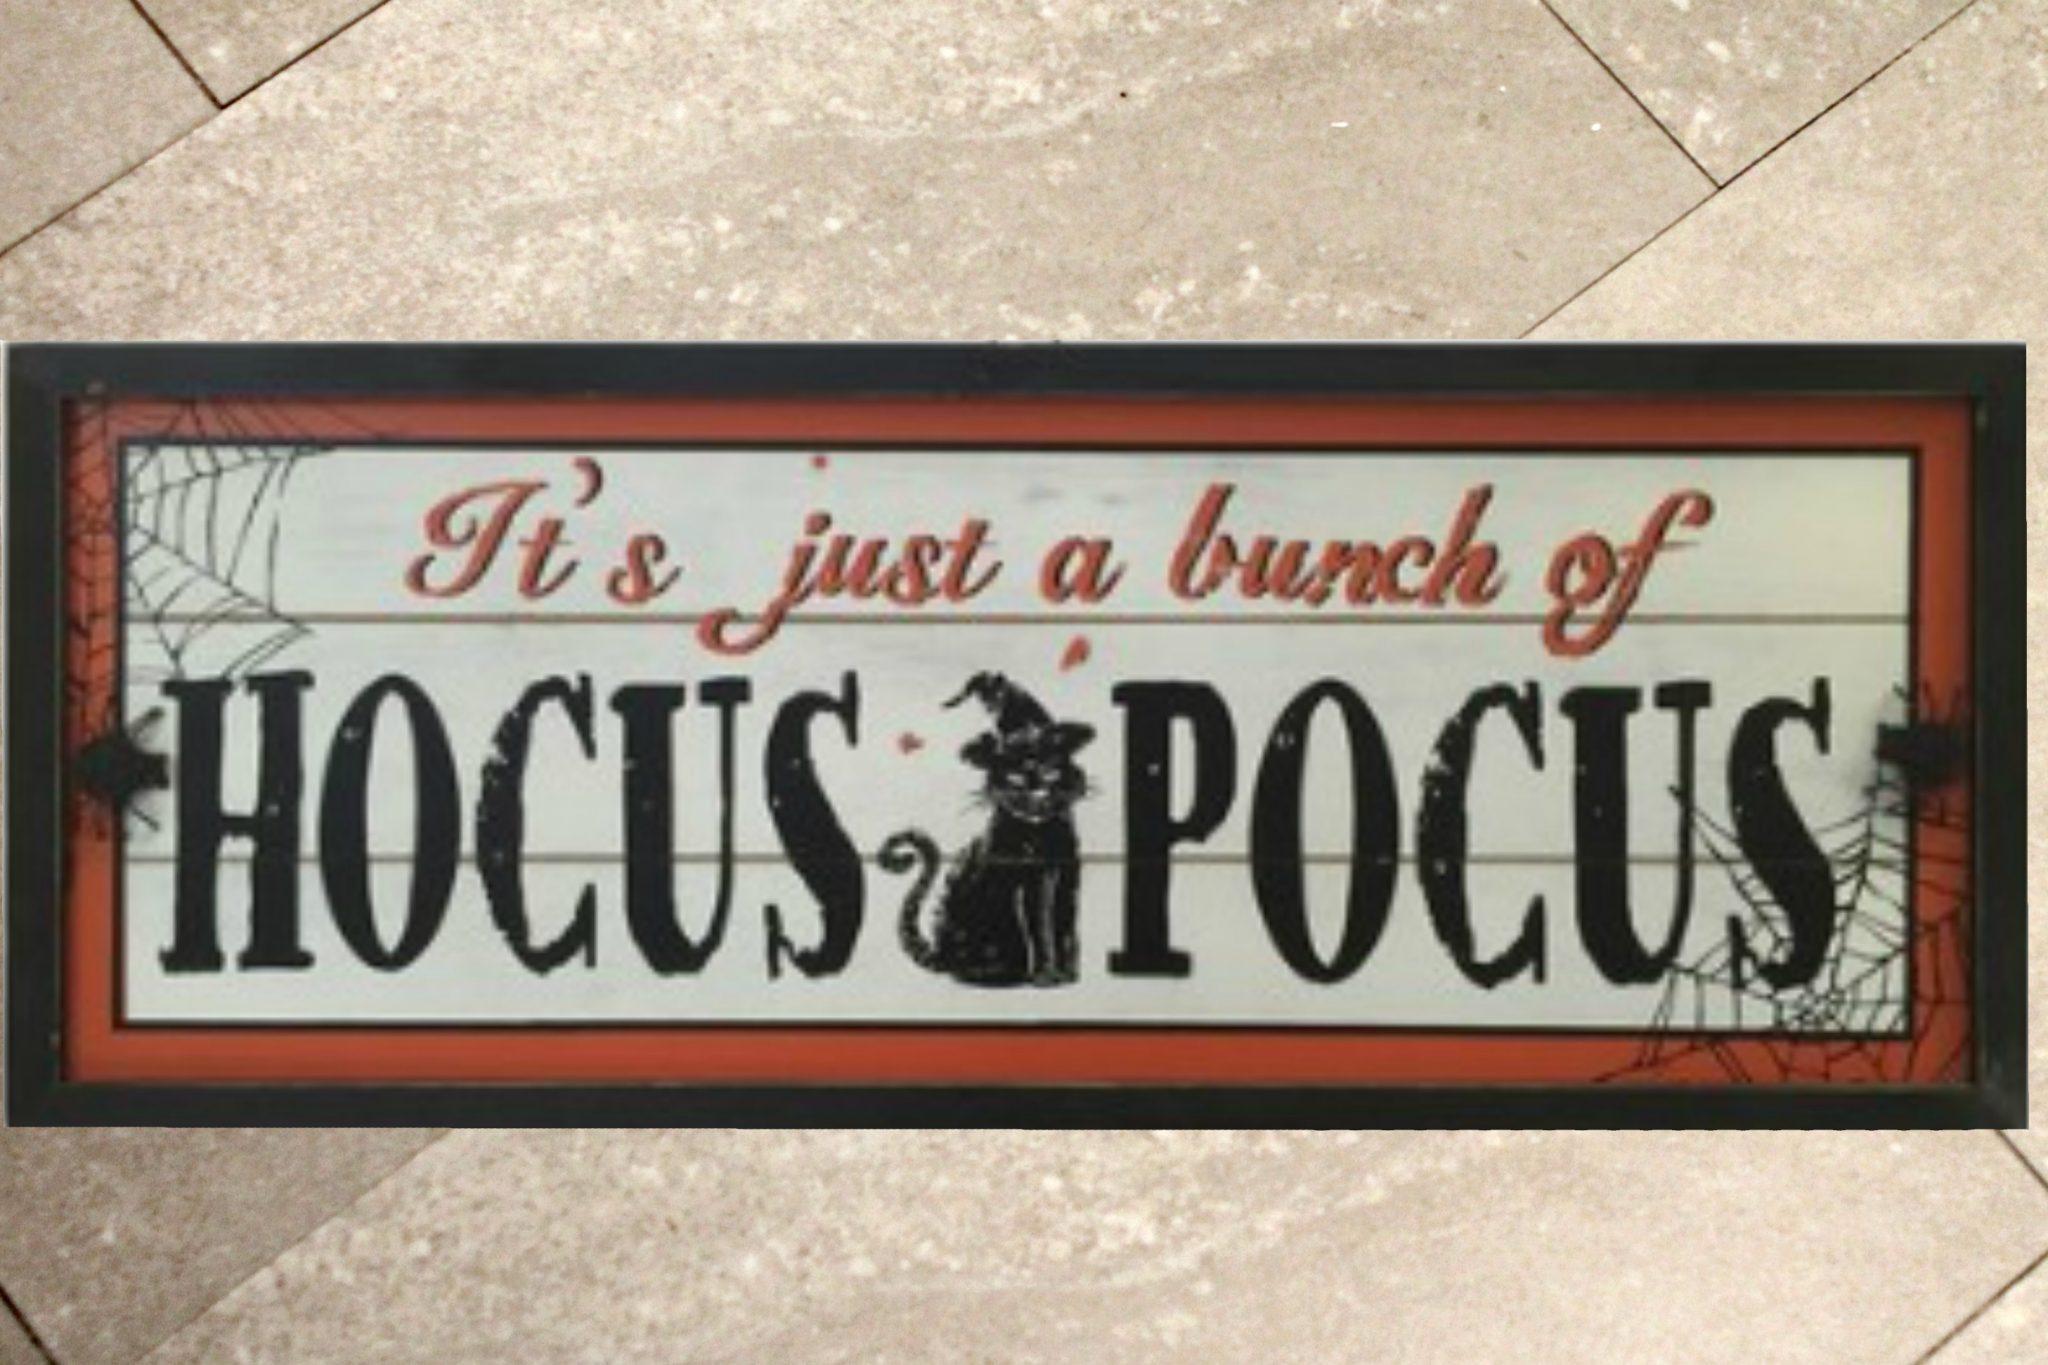 Hocus Pocus Halloween Decor Makeover Pretty DIY Home